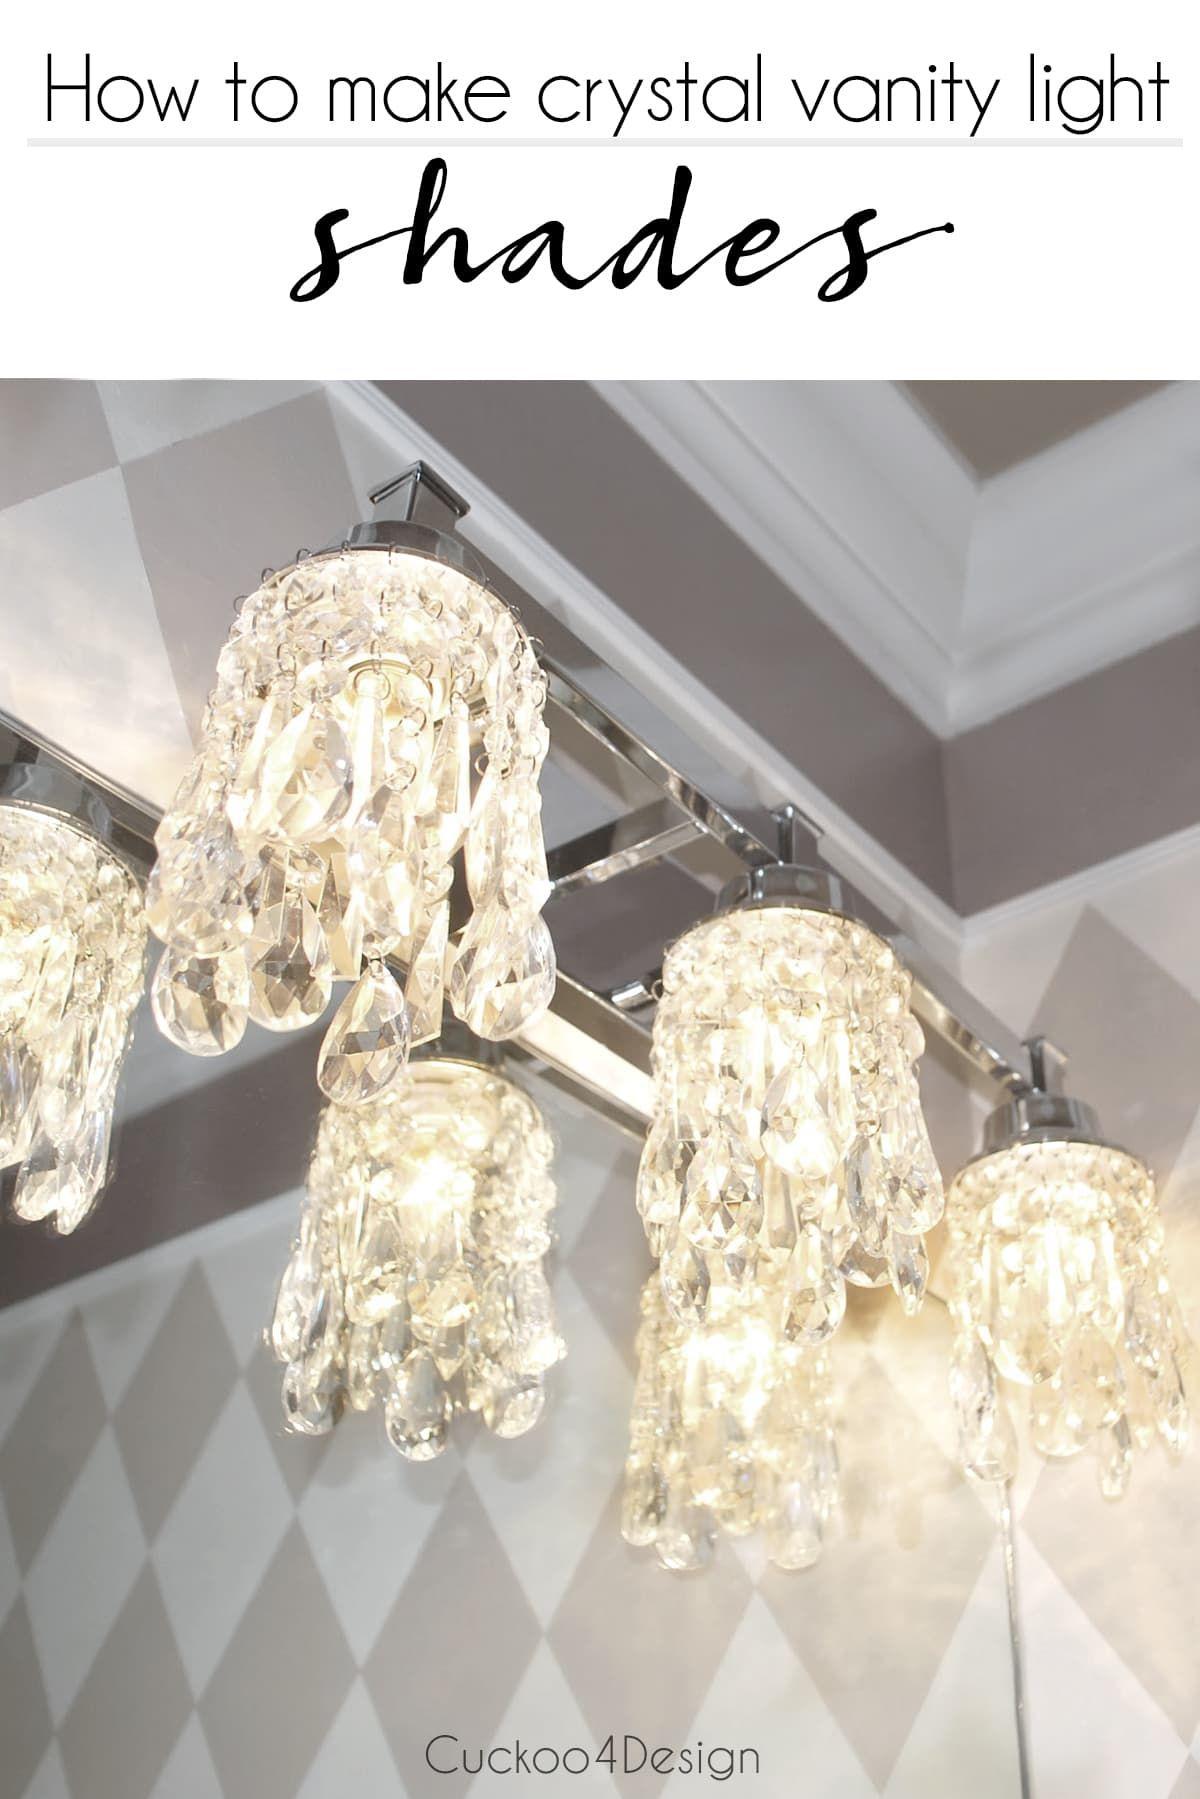 Diy Crystal Vanity Light Shades Cuckoo4design Vanity Light